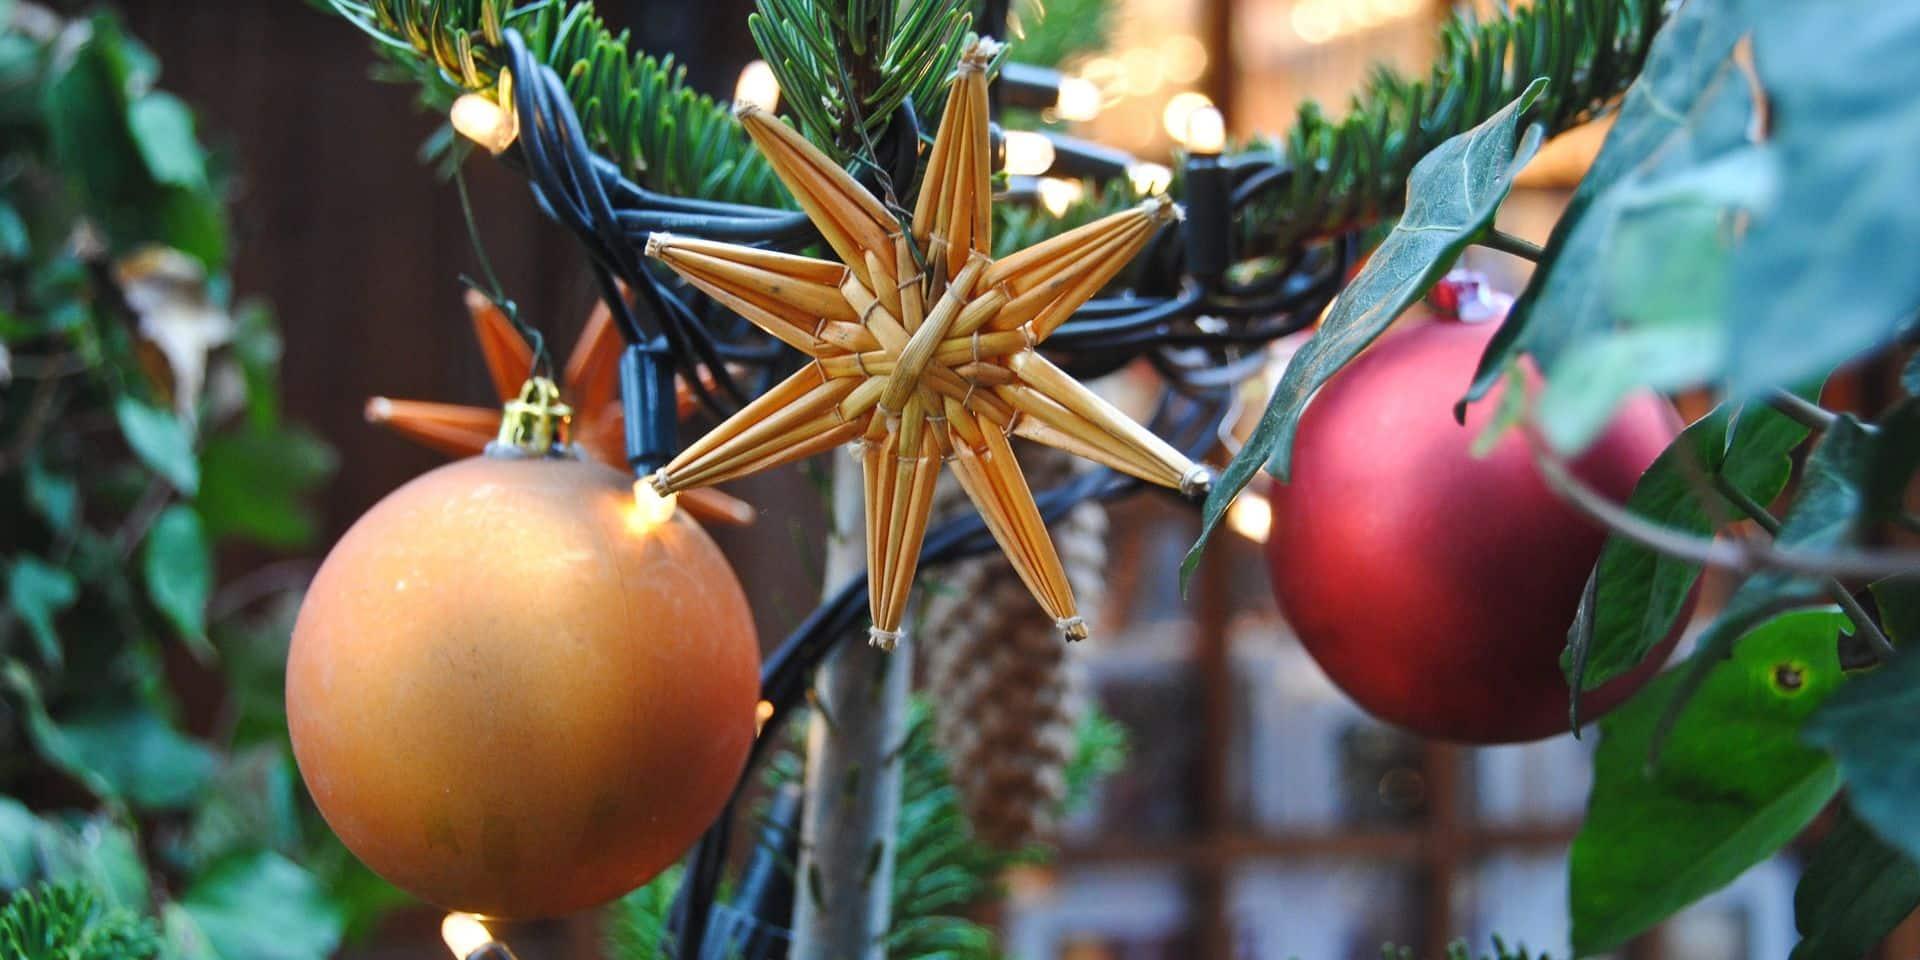 Berchem-Sainte-Agathe offre jusqu'à 200 € de chèques cadeaux pour la plus belle façade/vitrine de Noël